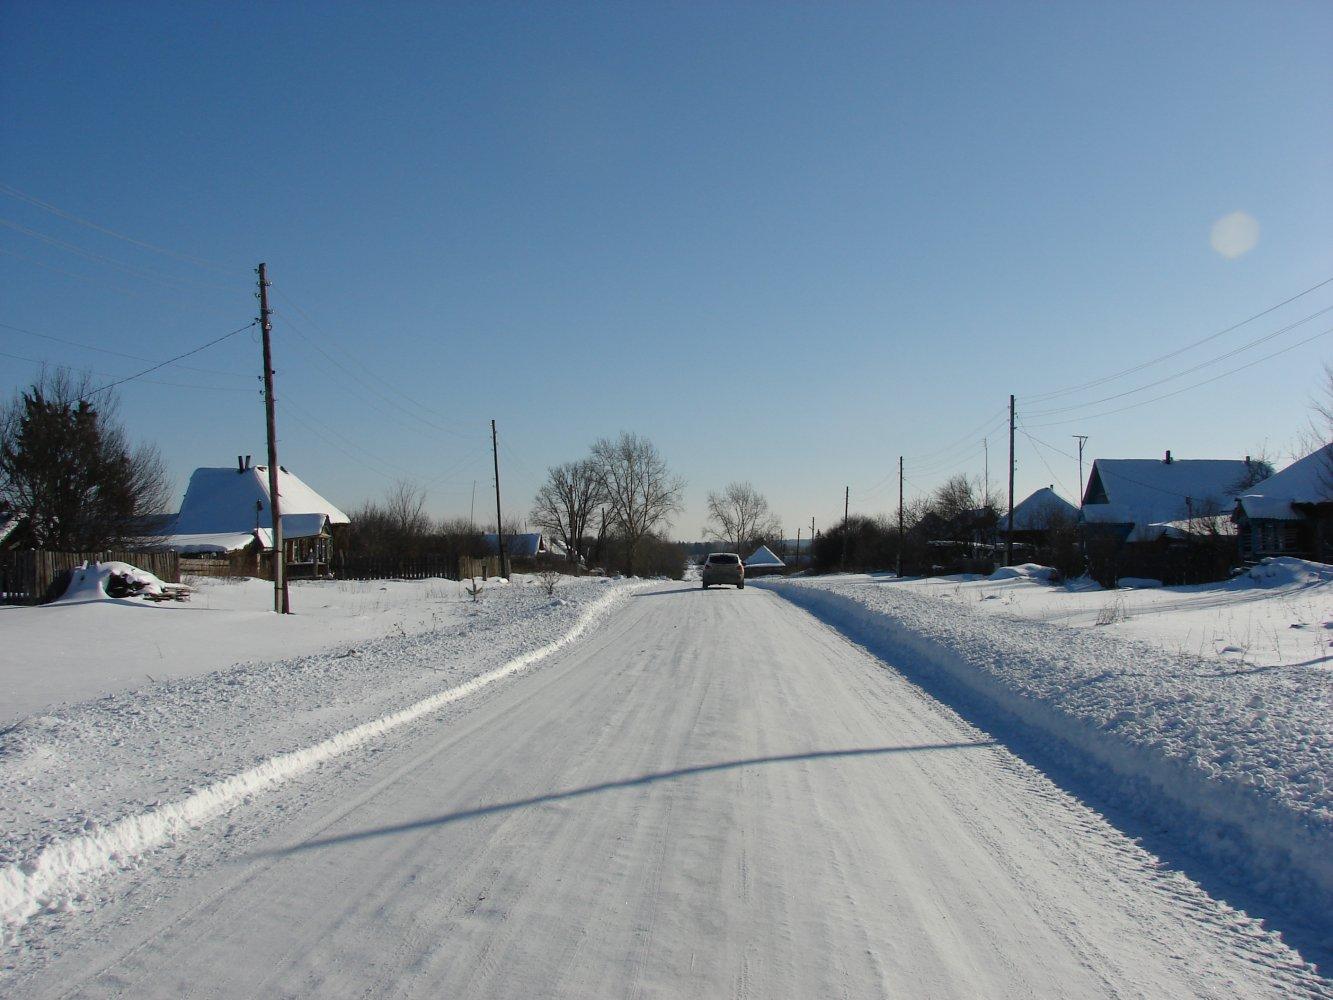 Фото DSC04904.JPG. Россия, Ульяновская область, Unnamed Road